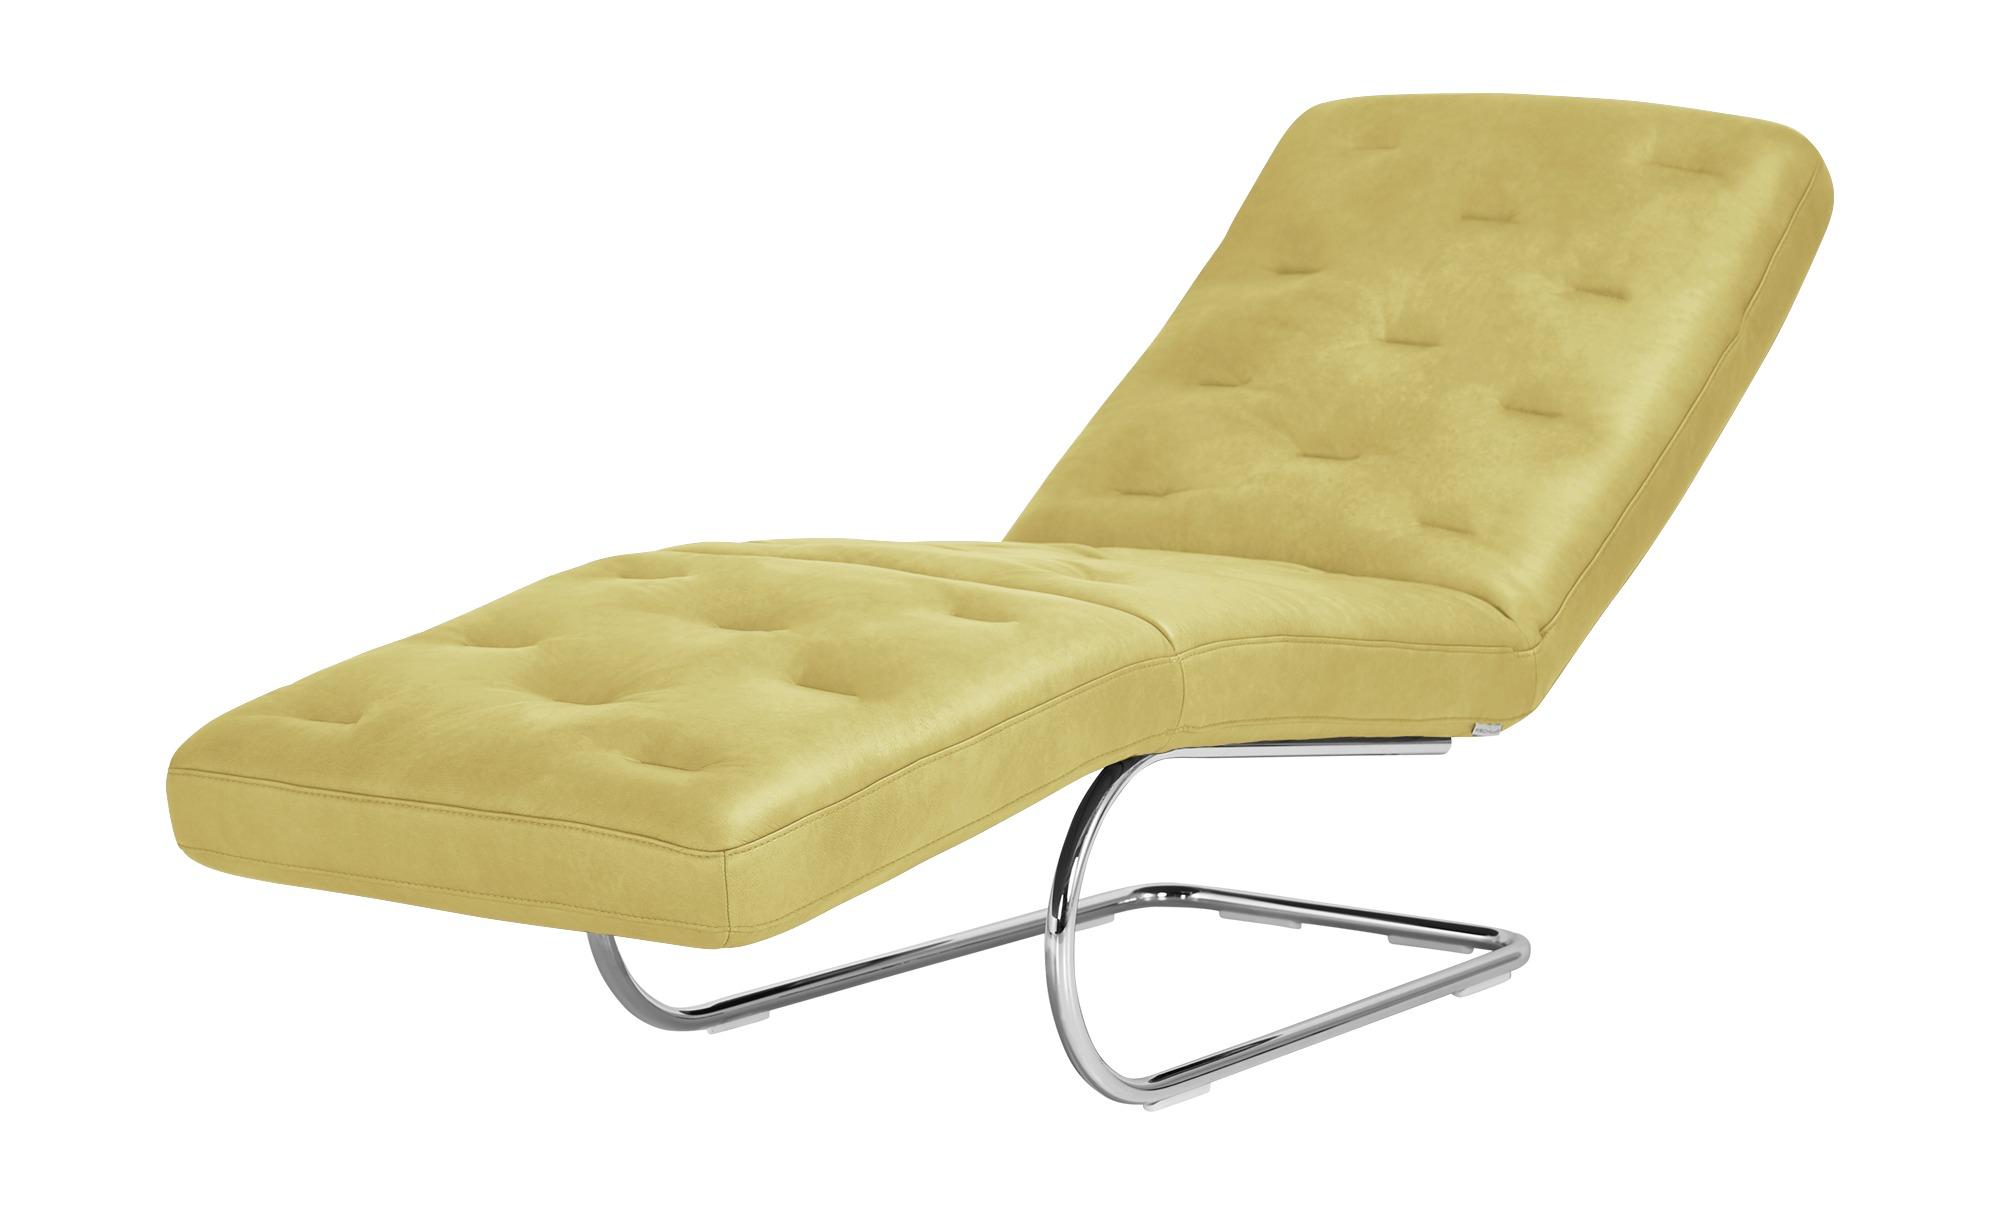 W.SCHILLIG Relaxliege Leder  Sweet Dreams - gelb - 65 cm - 91 cm - 200 cm - günstig online kaufen